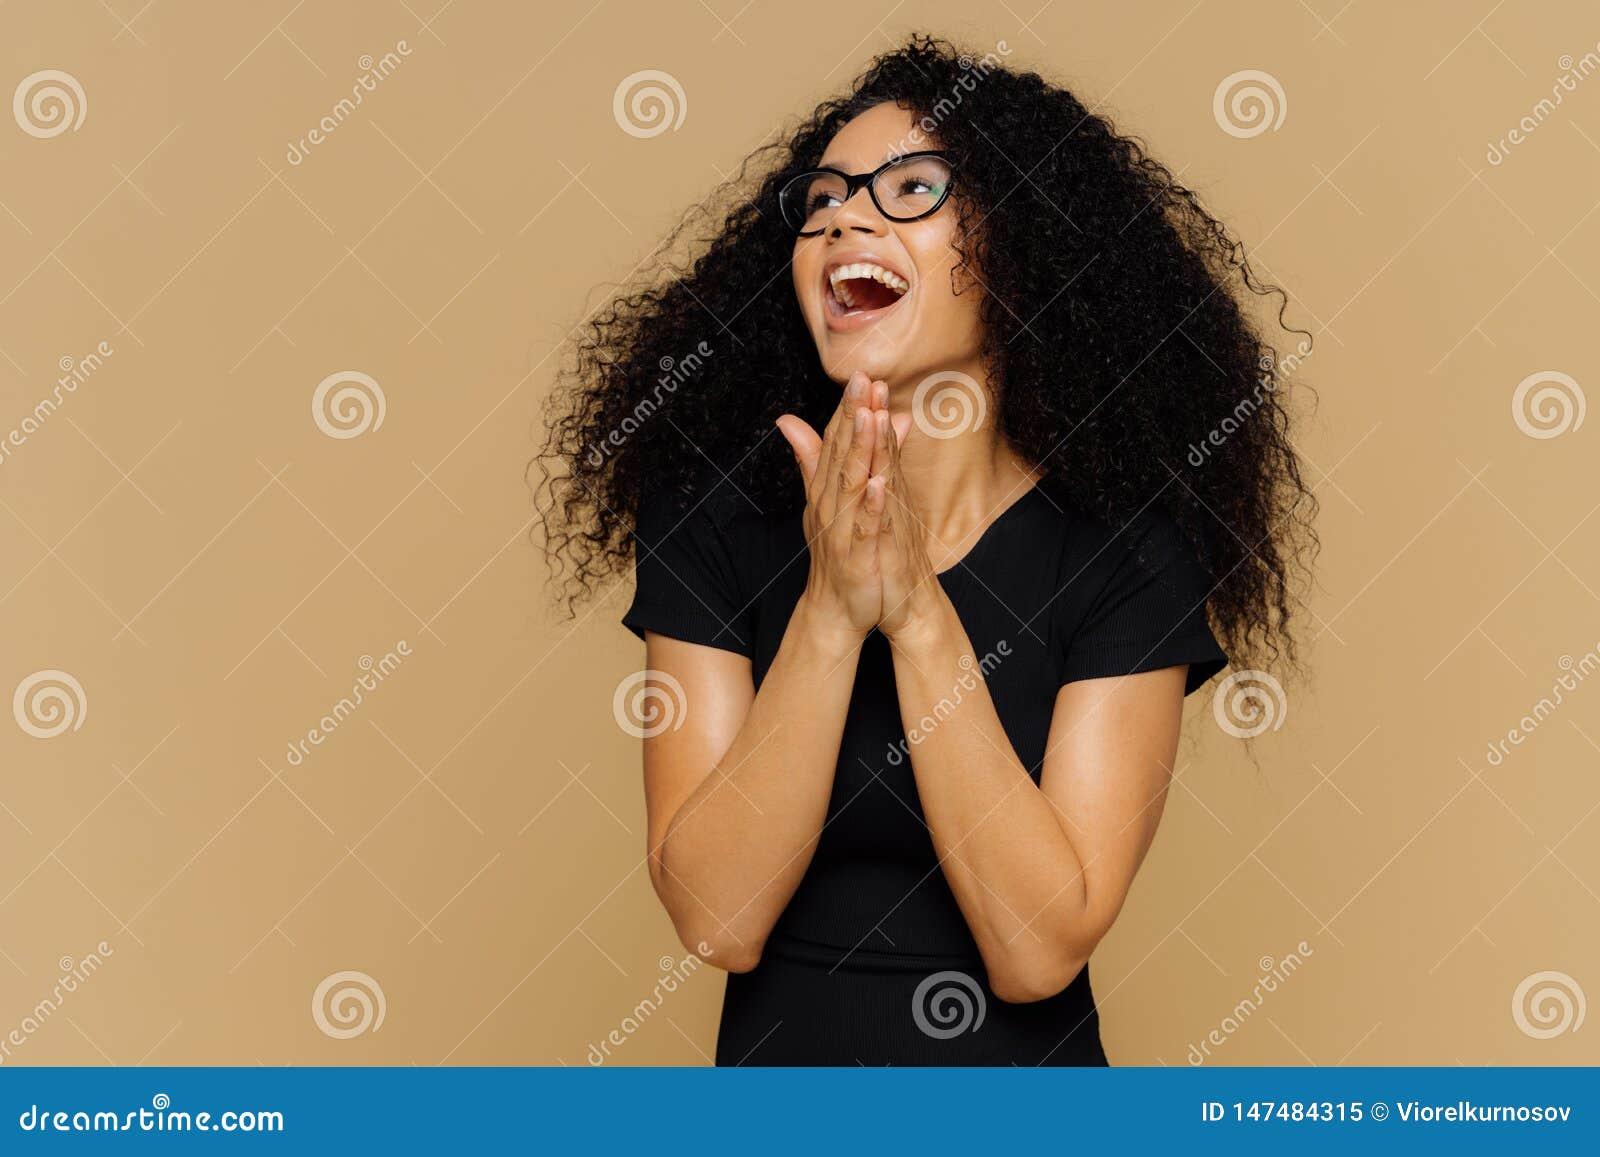 De extatische mooie vrouwengrepen overhandigt vreugdevol, lacht, weg kijkt, opzij geconcentreerd, uitdrukt geluk, heeft dichtbegr